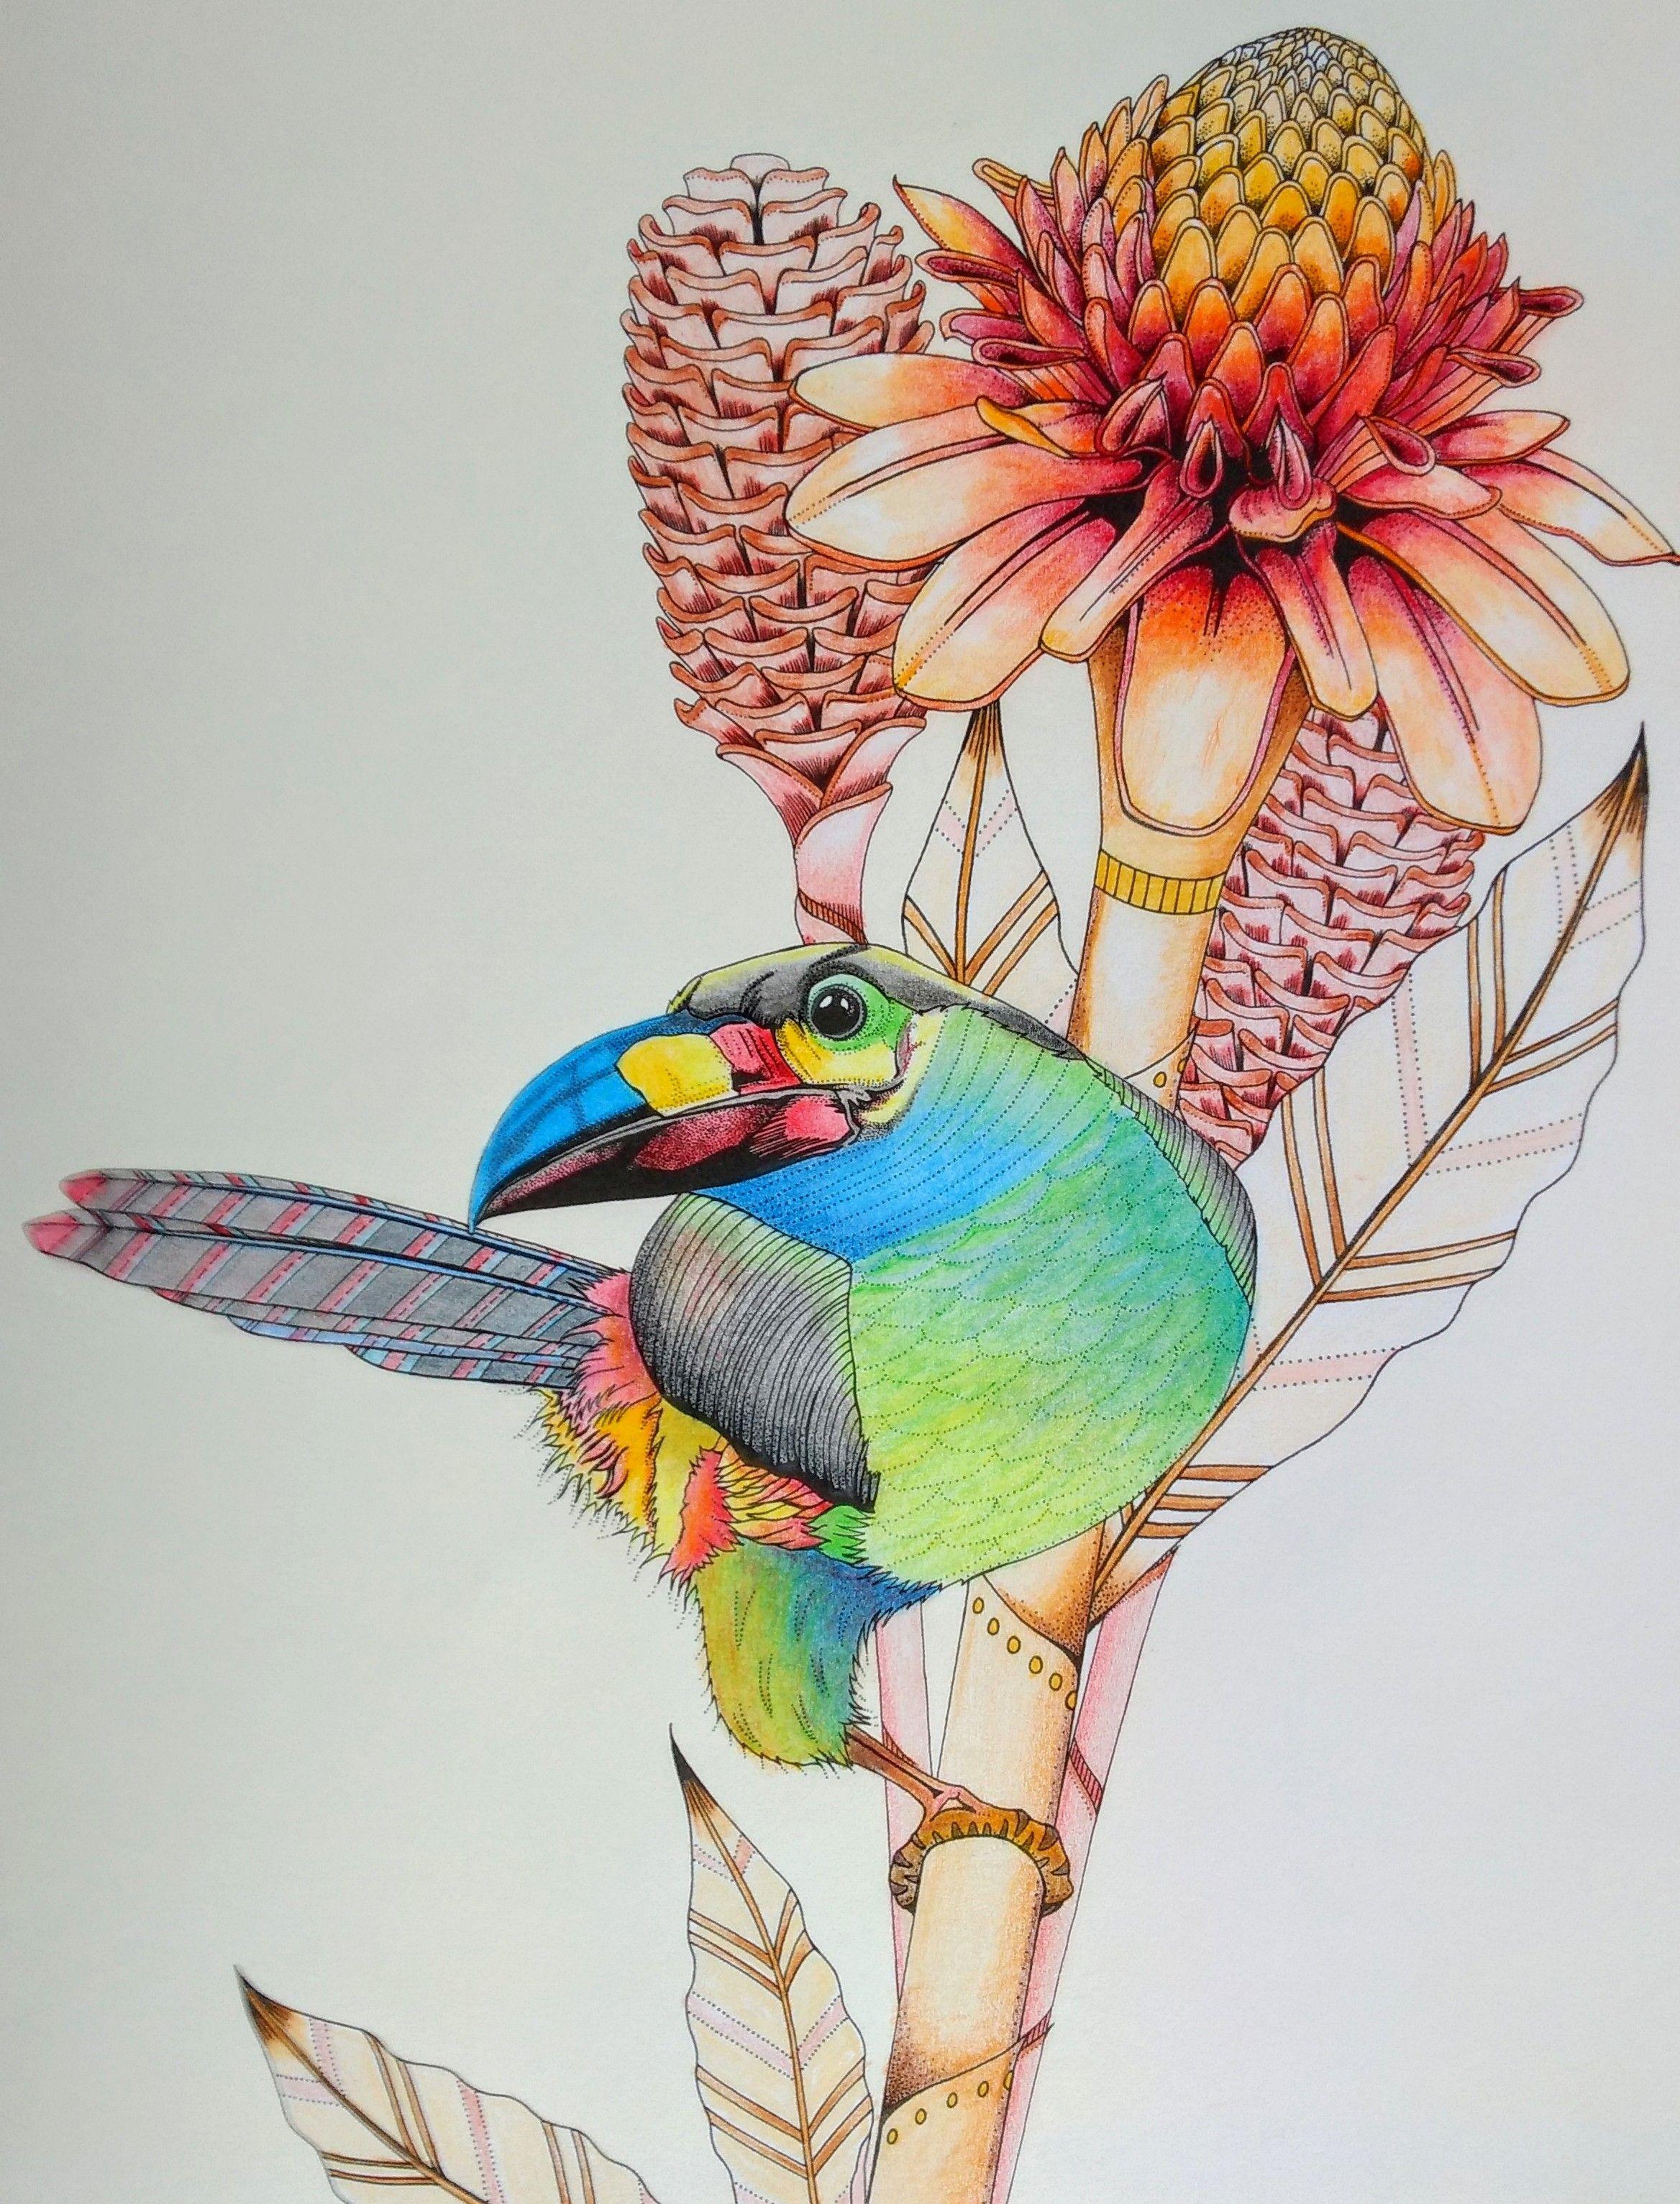 Uit Het Boek Vogel Paradijs Van Daisy Fletcher From The Book Birdtopia From Daisy Fletcher Gekleurd Door Adri Colored By A Art Flower Art Coloring Books